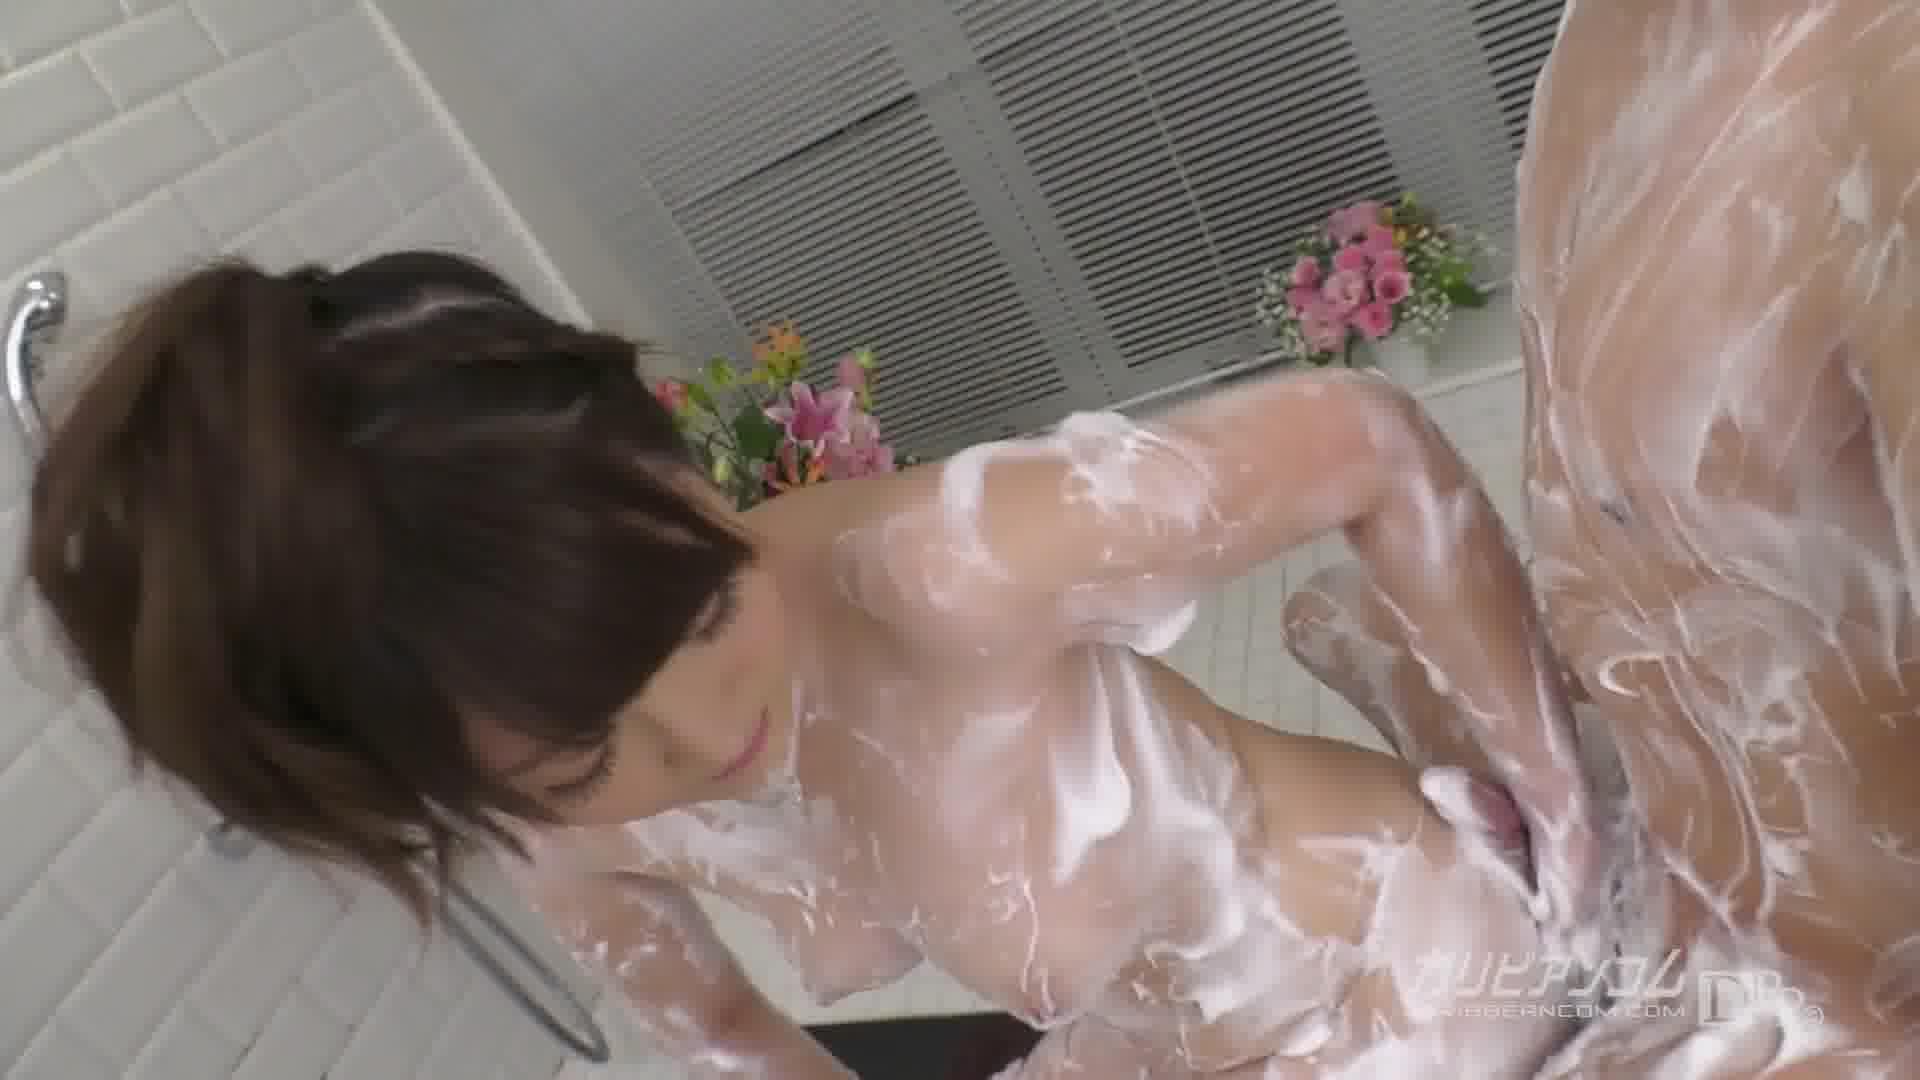 極上泡姫物語 Vol.53 - 生島涼【パイパン・パイズリ・中出し】